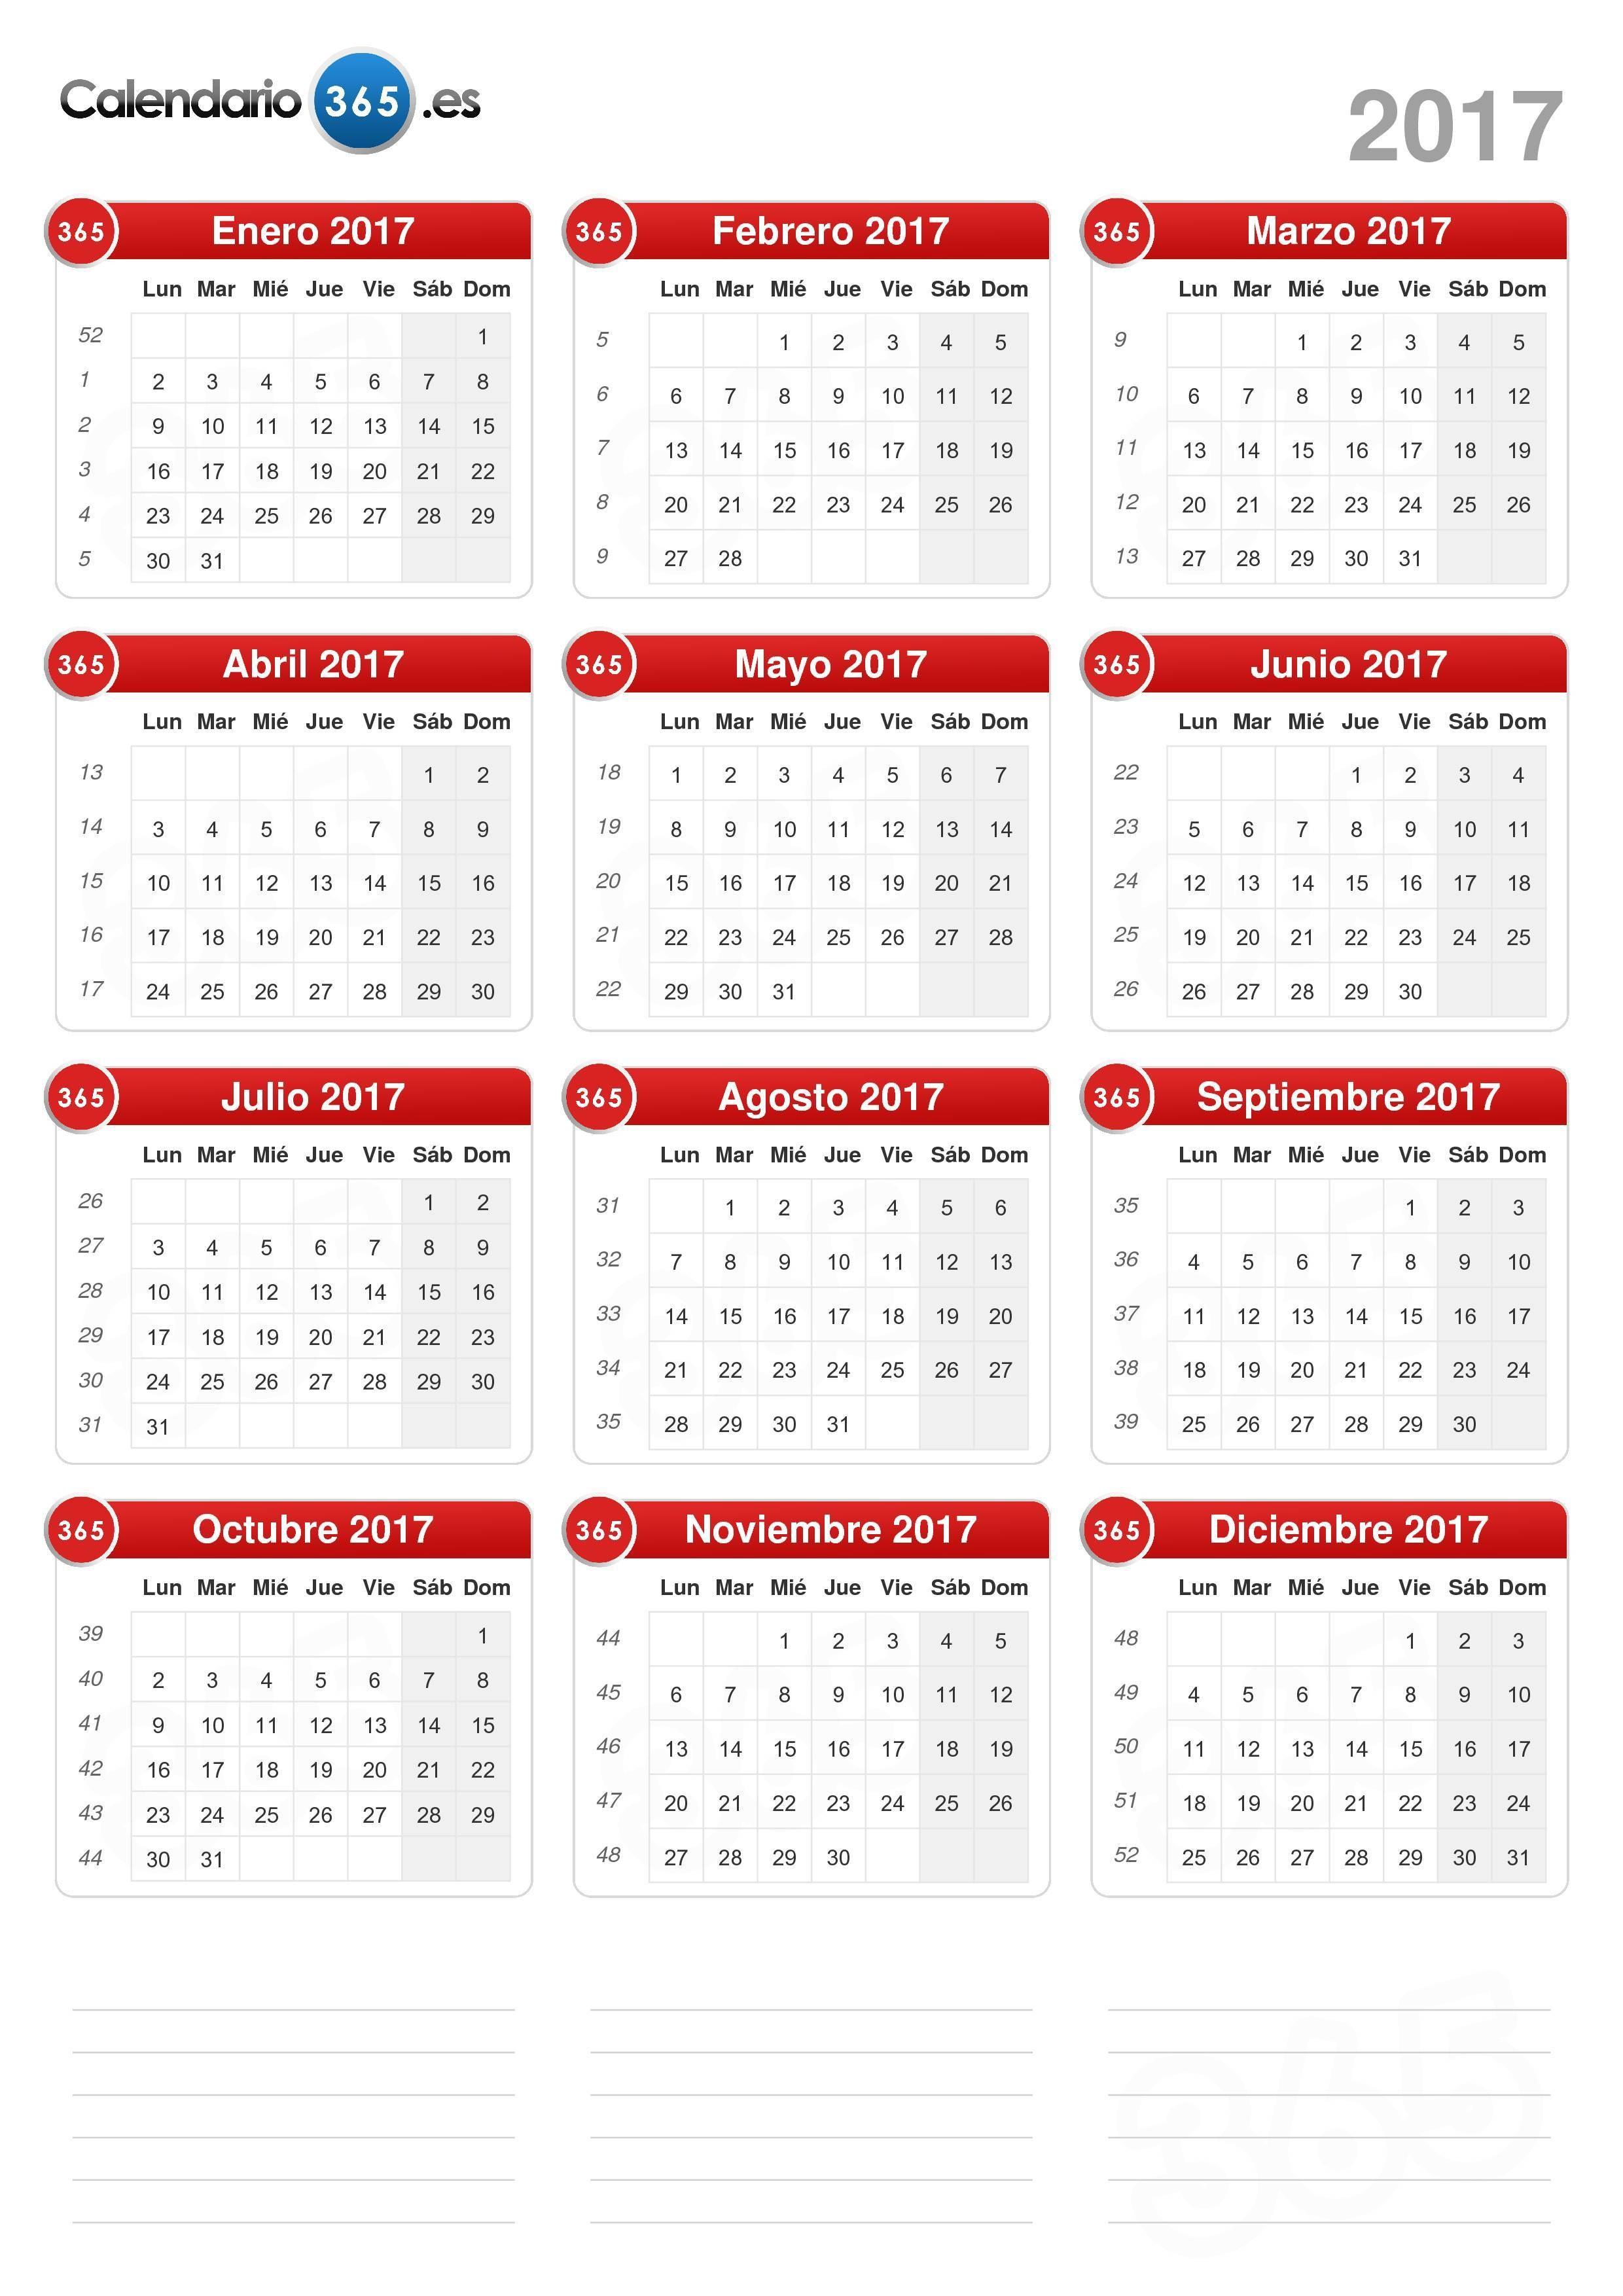 calendario 2017 formato vertical v2 0